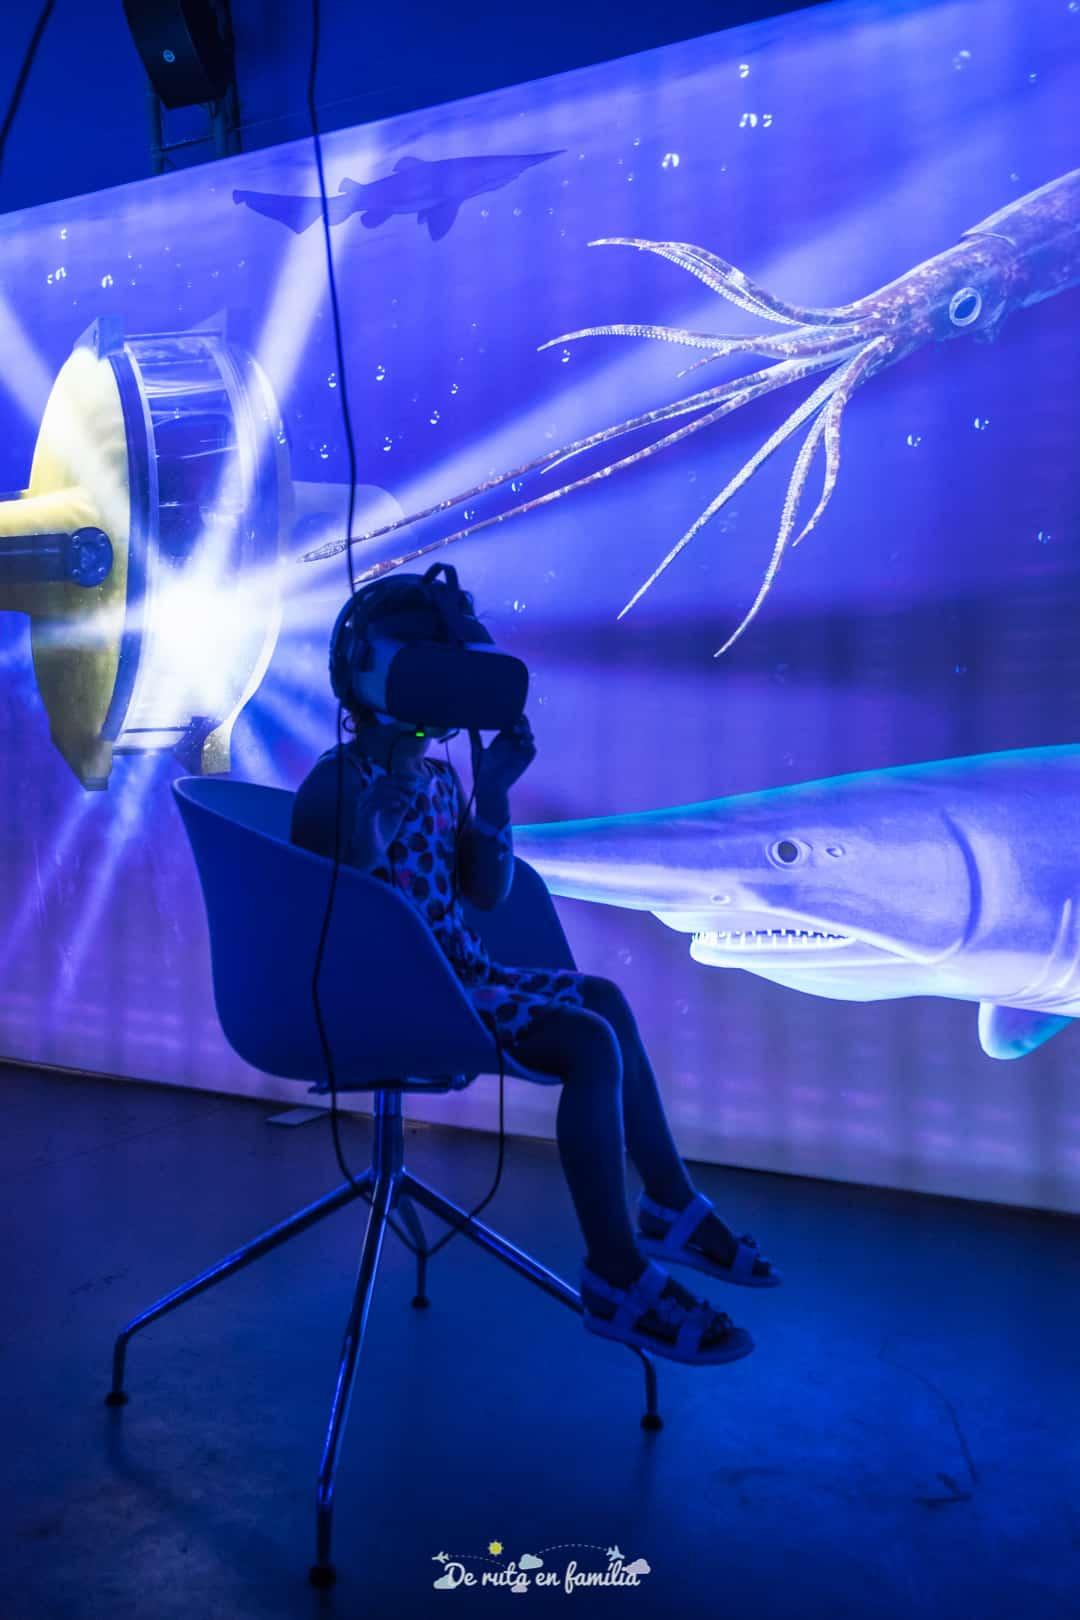 Exposición Criaturas submarinas en el Poble Espanyol de Barcelona